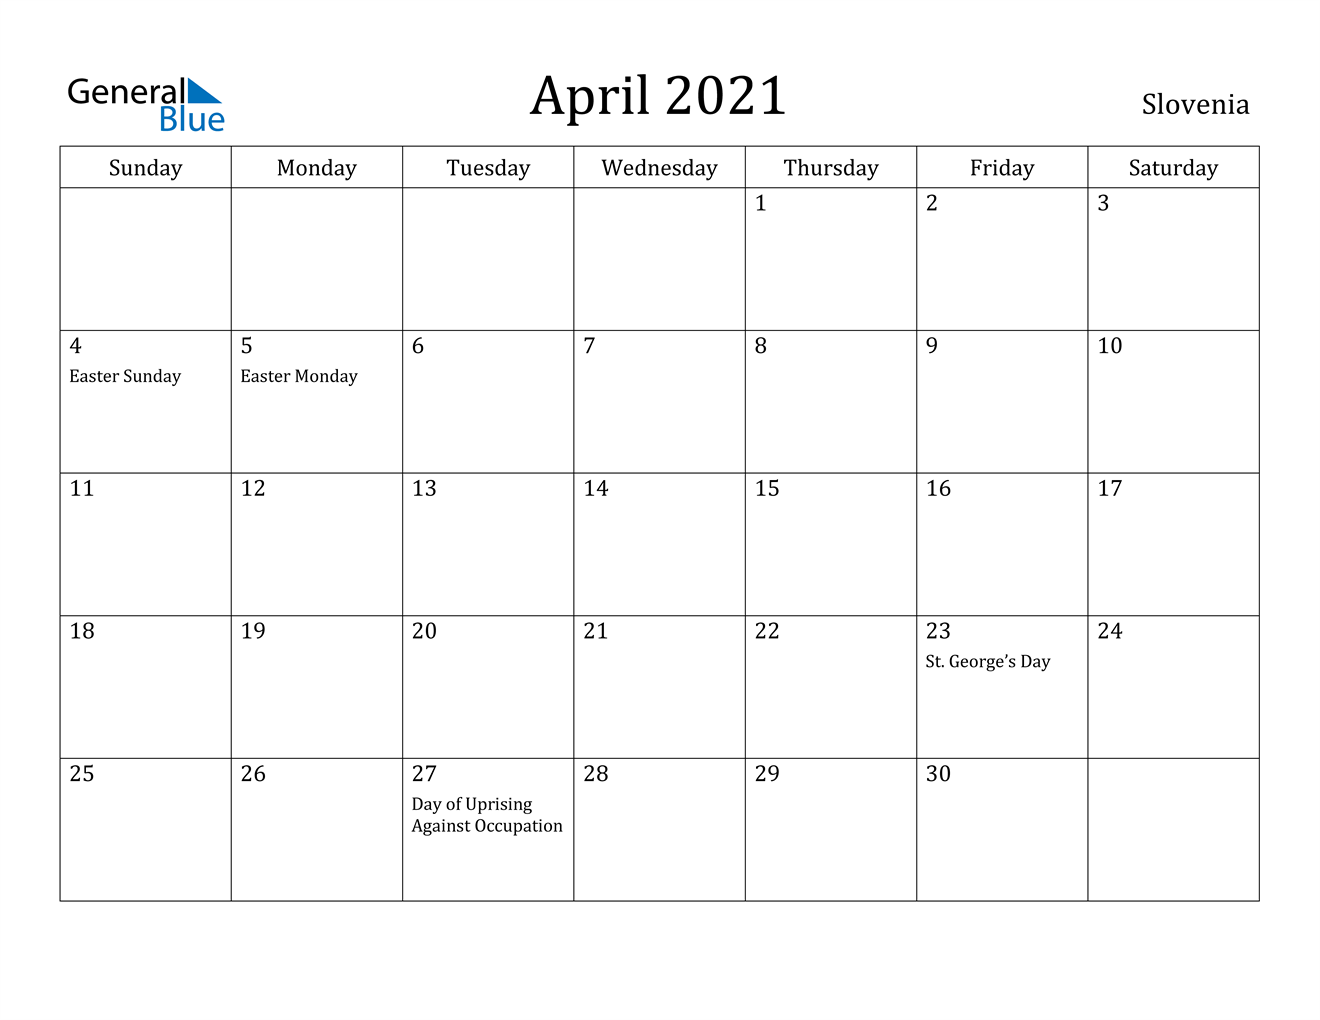 April 2021 Calendar - Slovenia